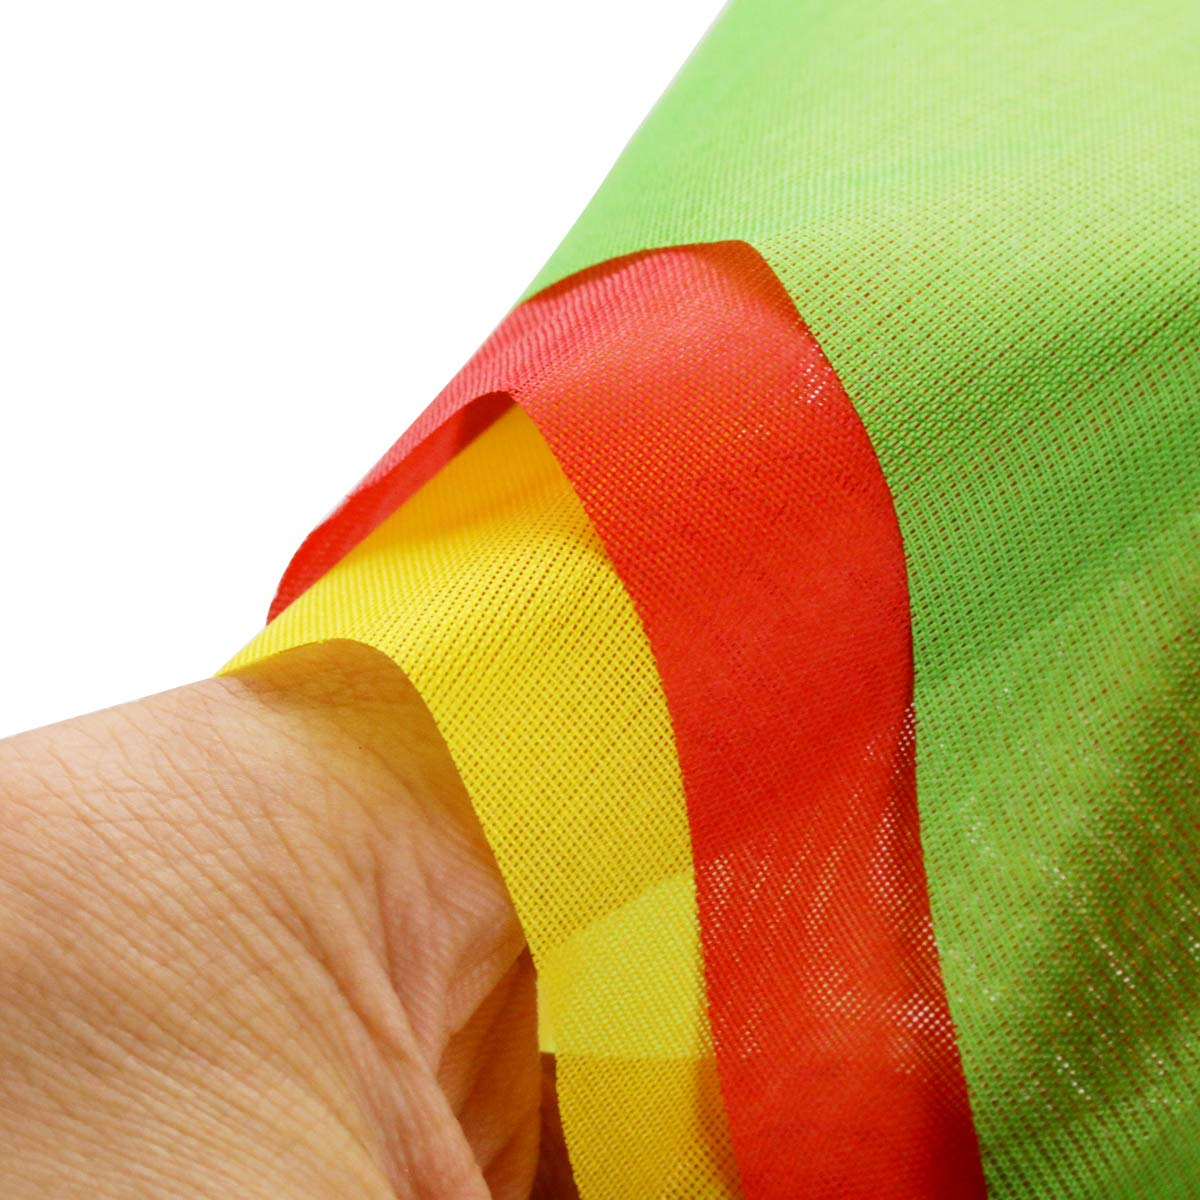 YaYuu 200 Bandiera Bunting Bandierine della Decorazione 80M Pennant Bandiere Tessuto Nylon Triangolo Bandiera per Festival Nozze Giardino Indoor Outdoor Birthday Party Decoration 260ft